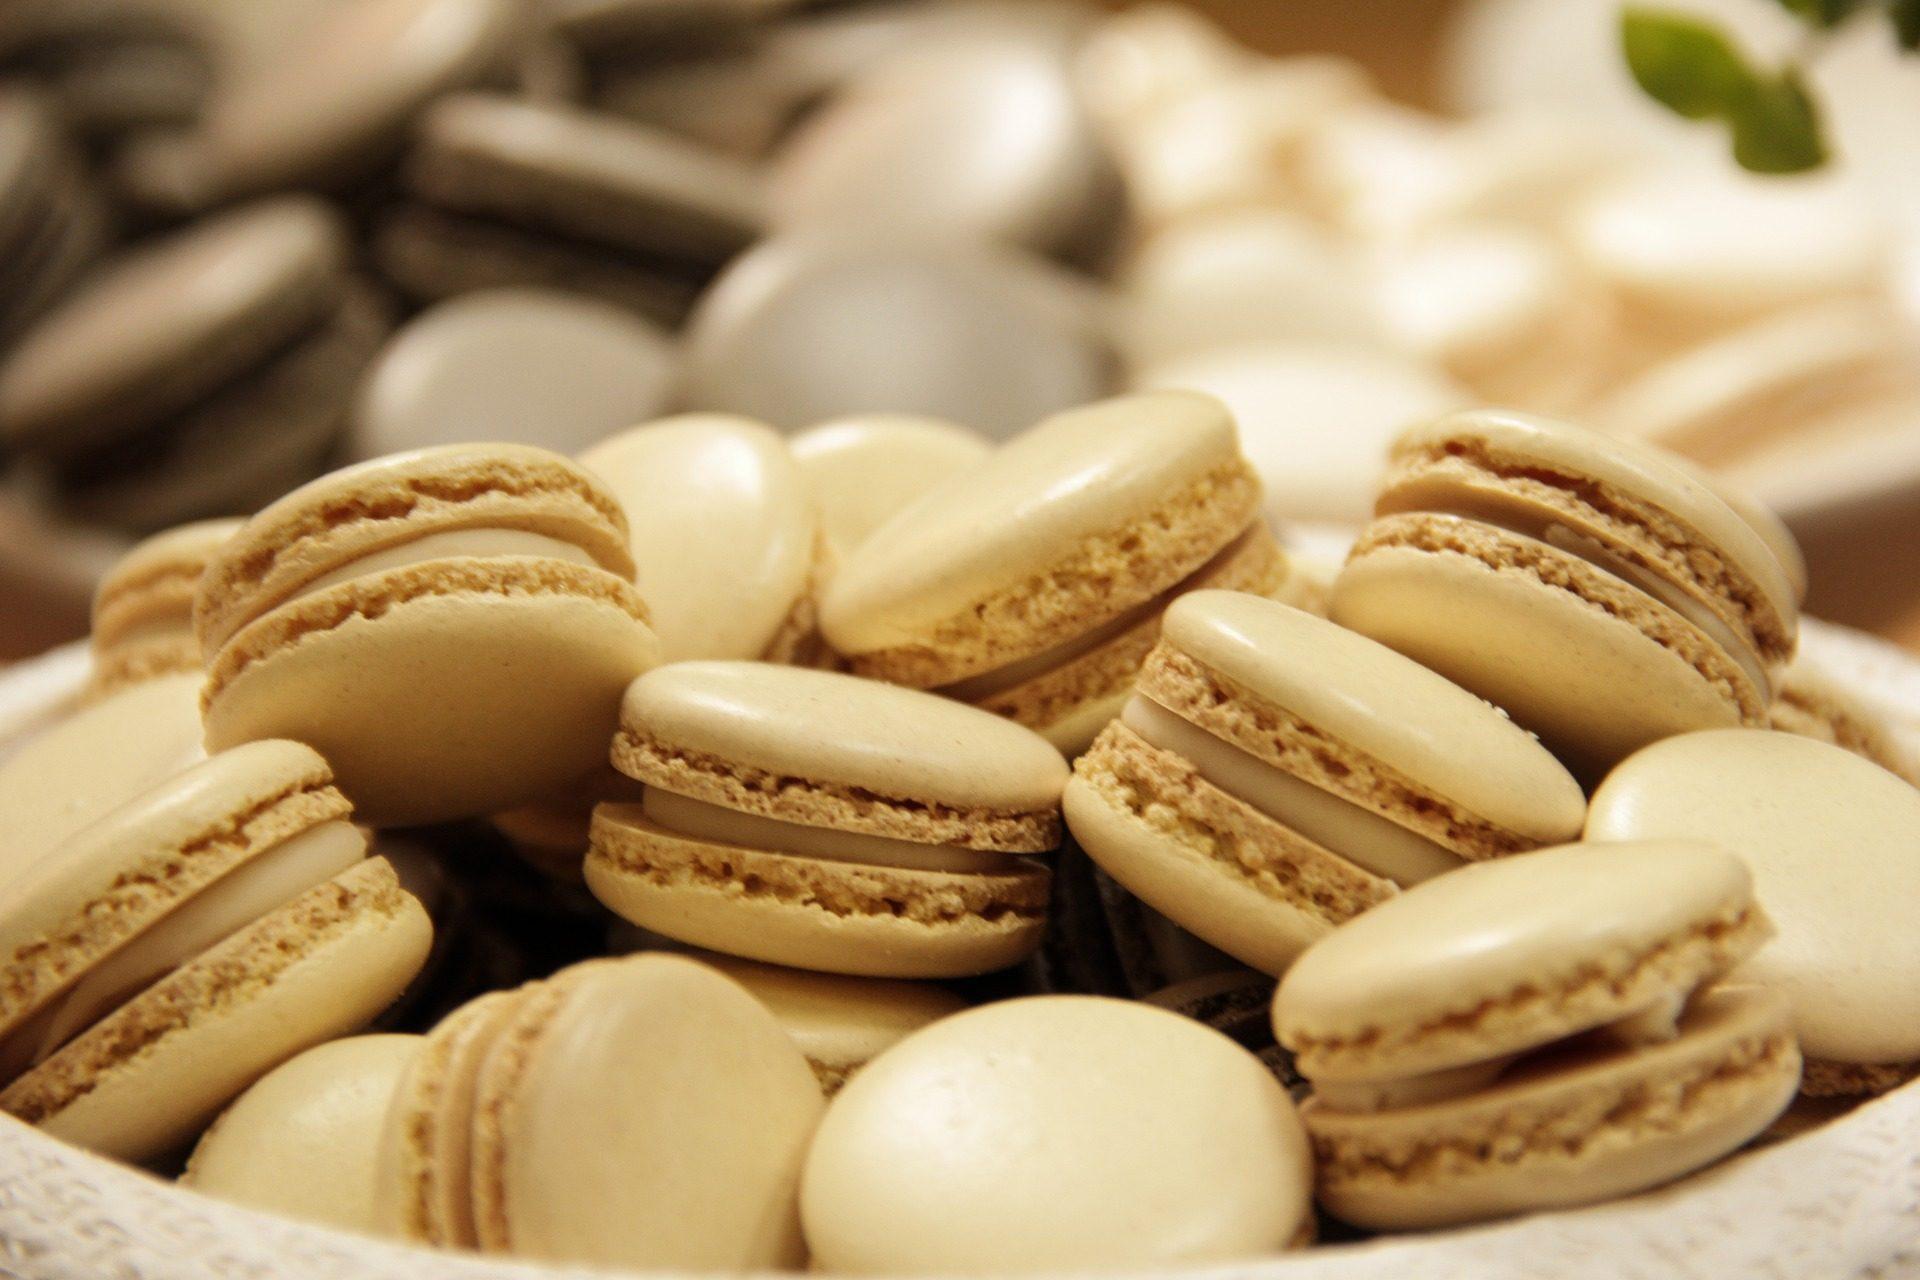 Maccheroni, dolce, dolci e pasticceria, pasticceria, quantità - Sfondi HD - Professor-falken.com